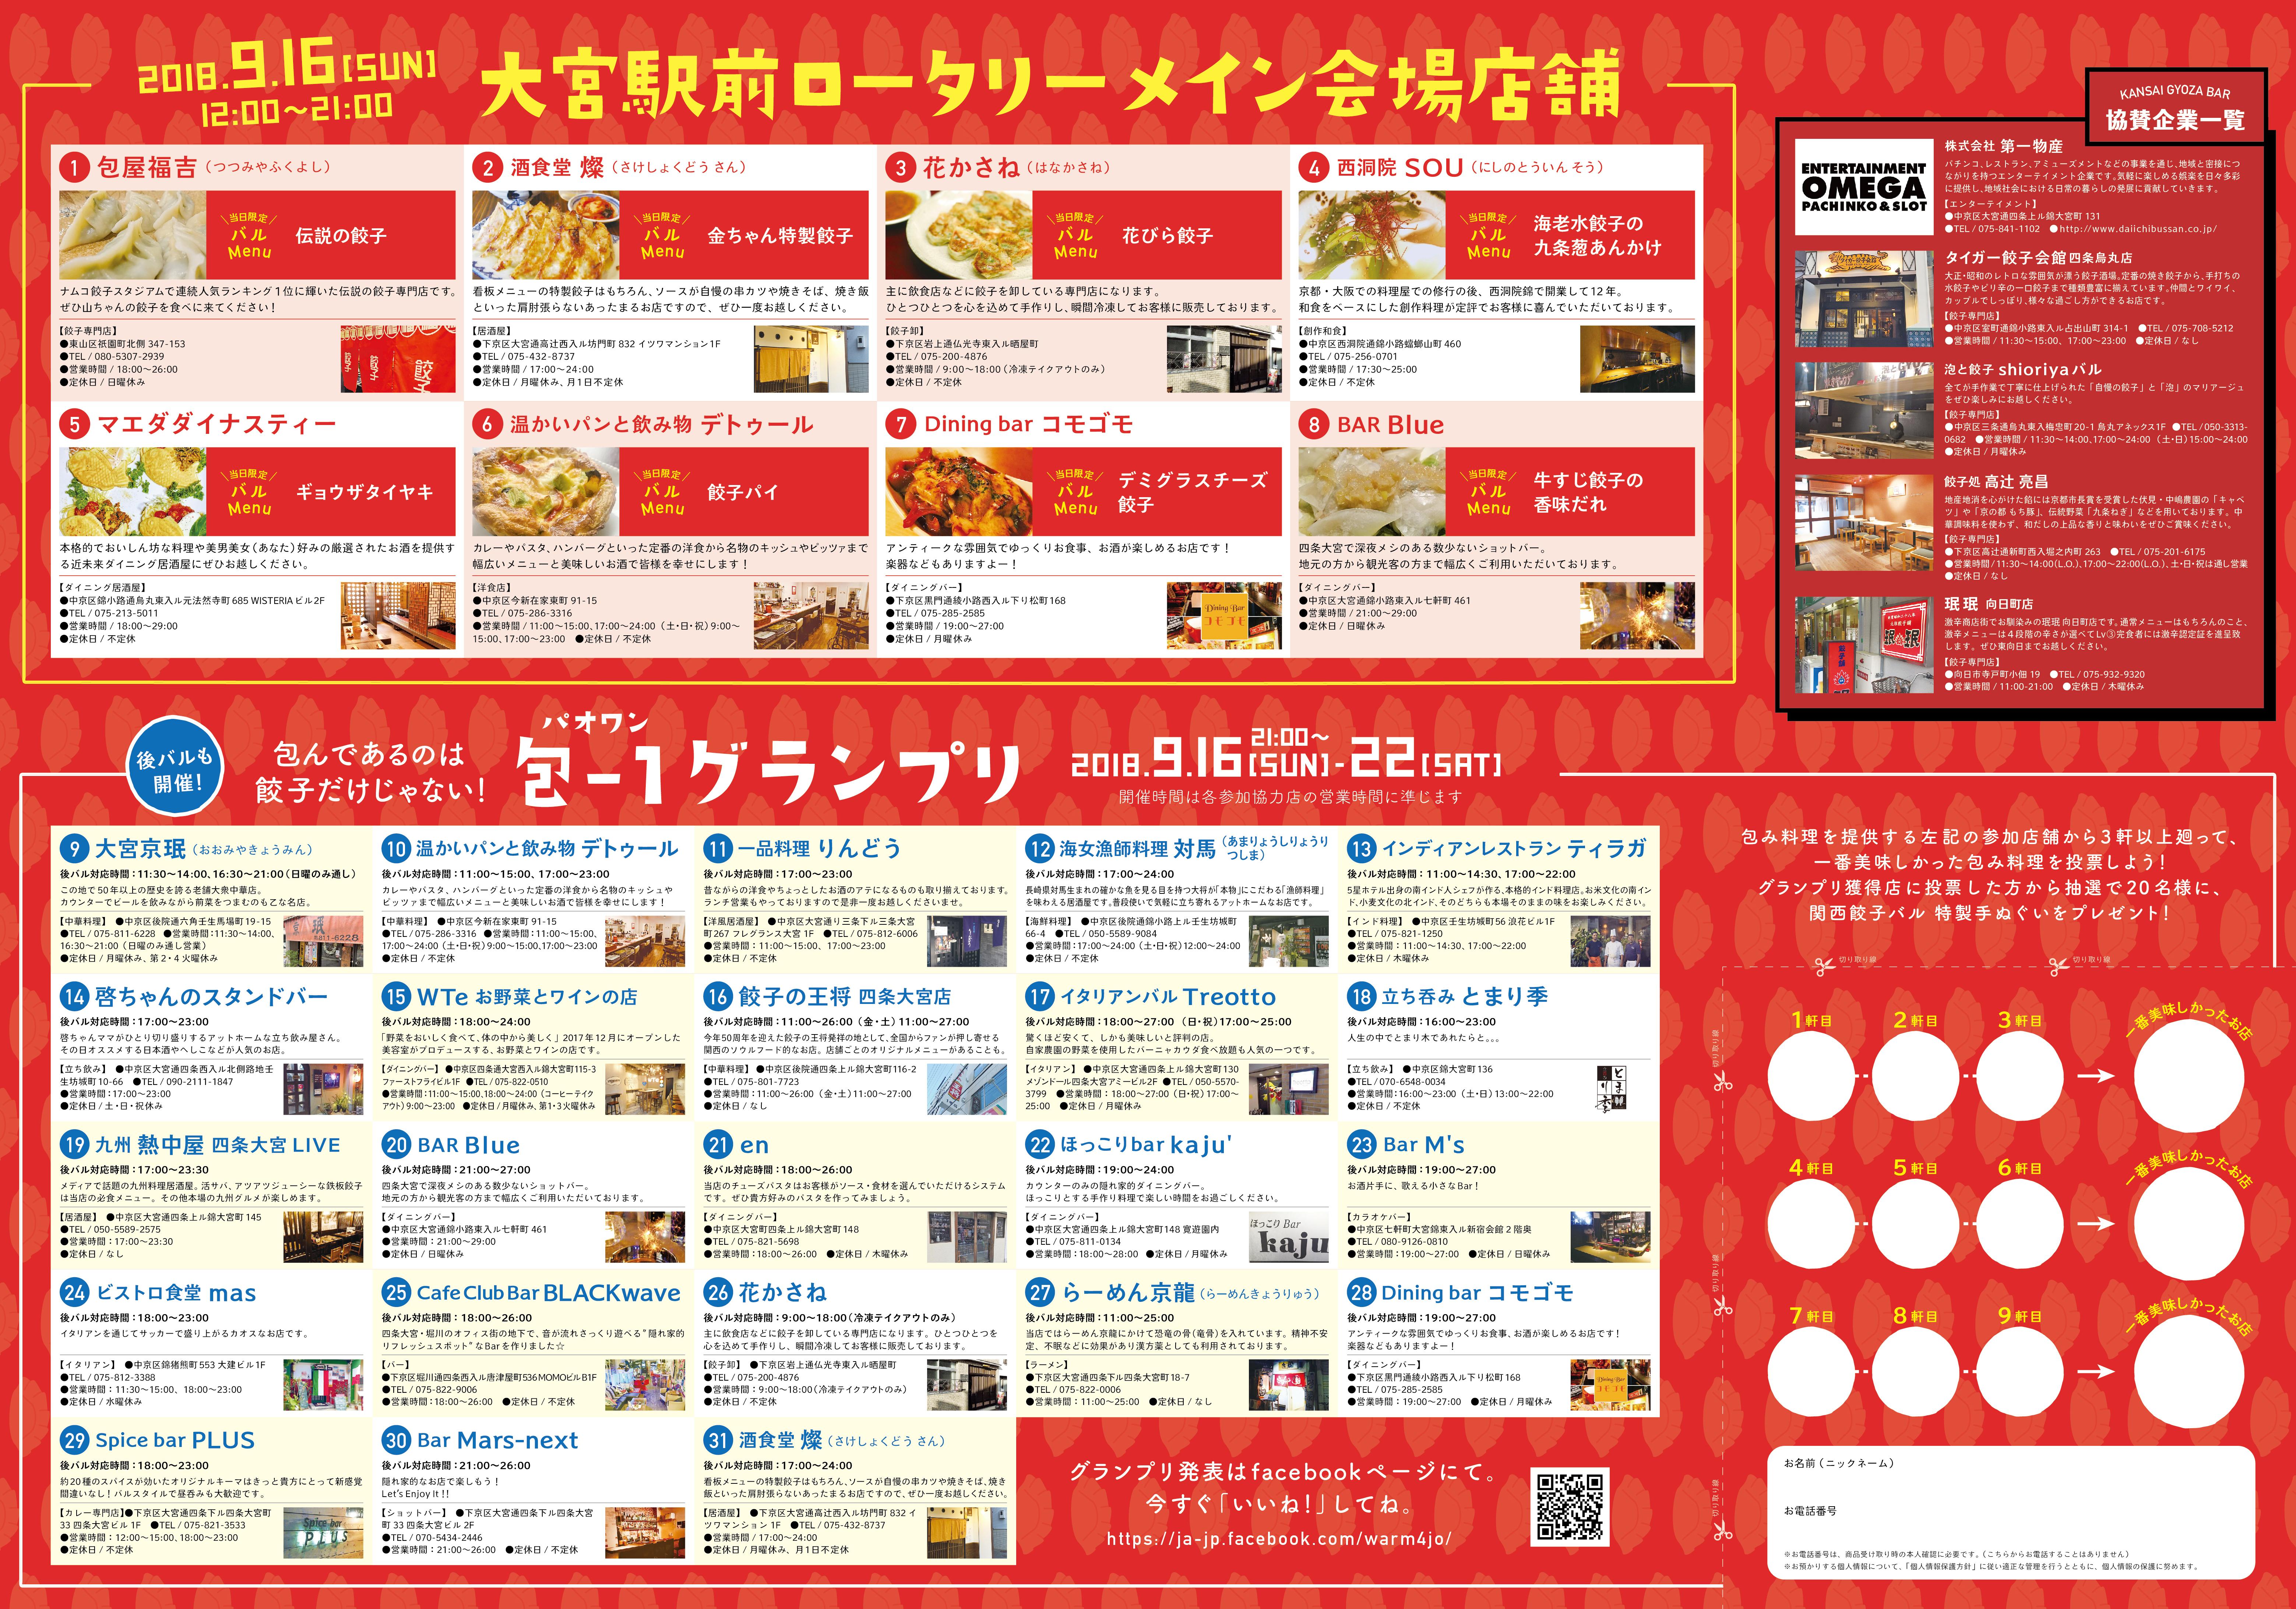 関西餃子バル